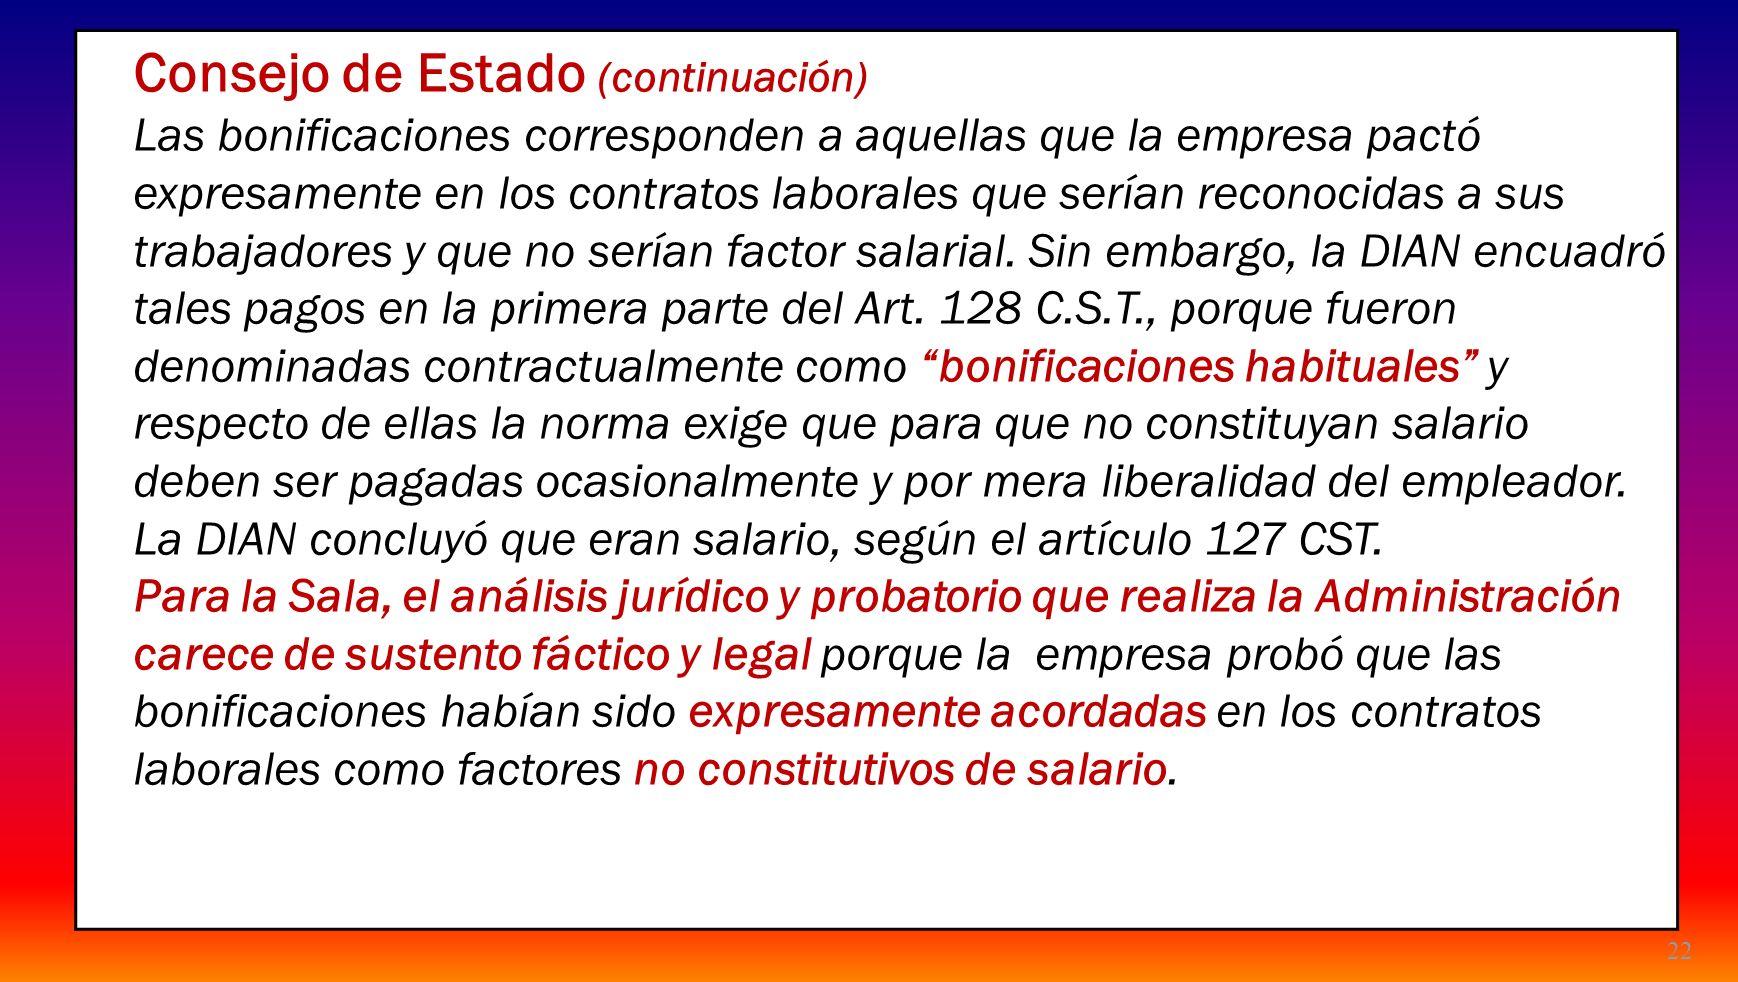 22 Consejo de Estado (continuación) Las bonificaciones corresponden a aquellas que la empresa pactó expresamente en los contratos laborales que serían